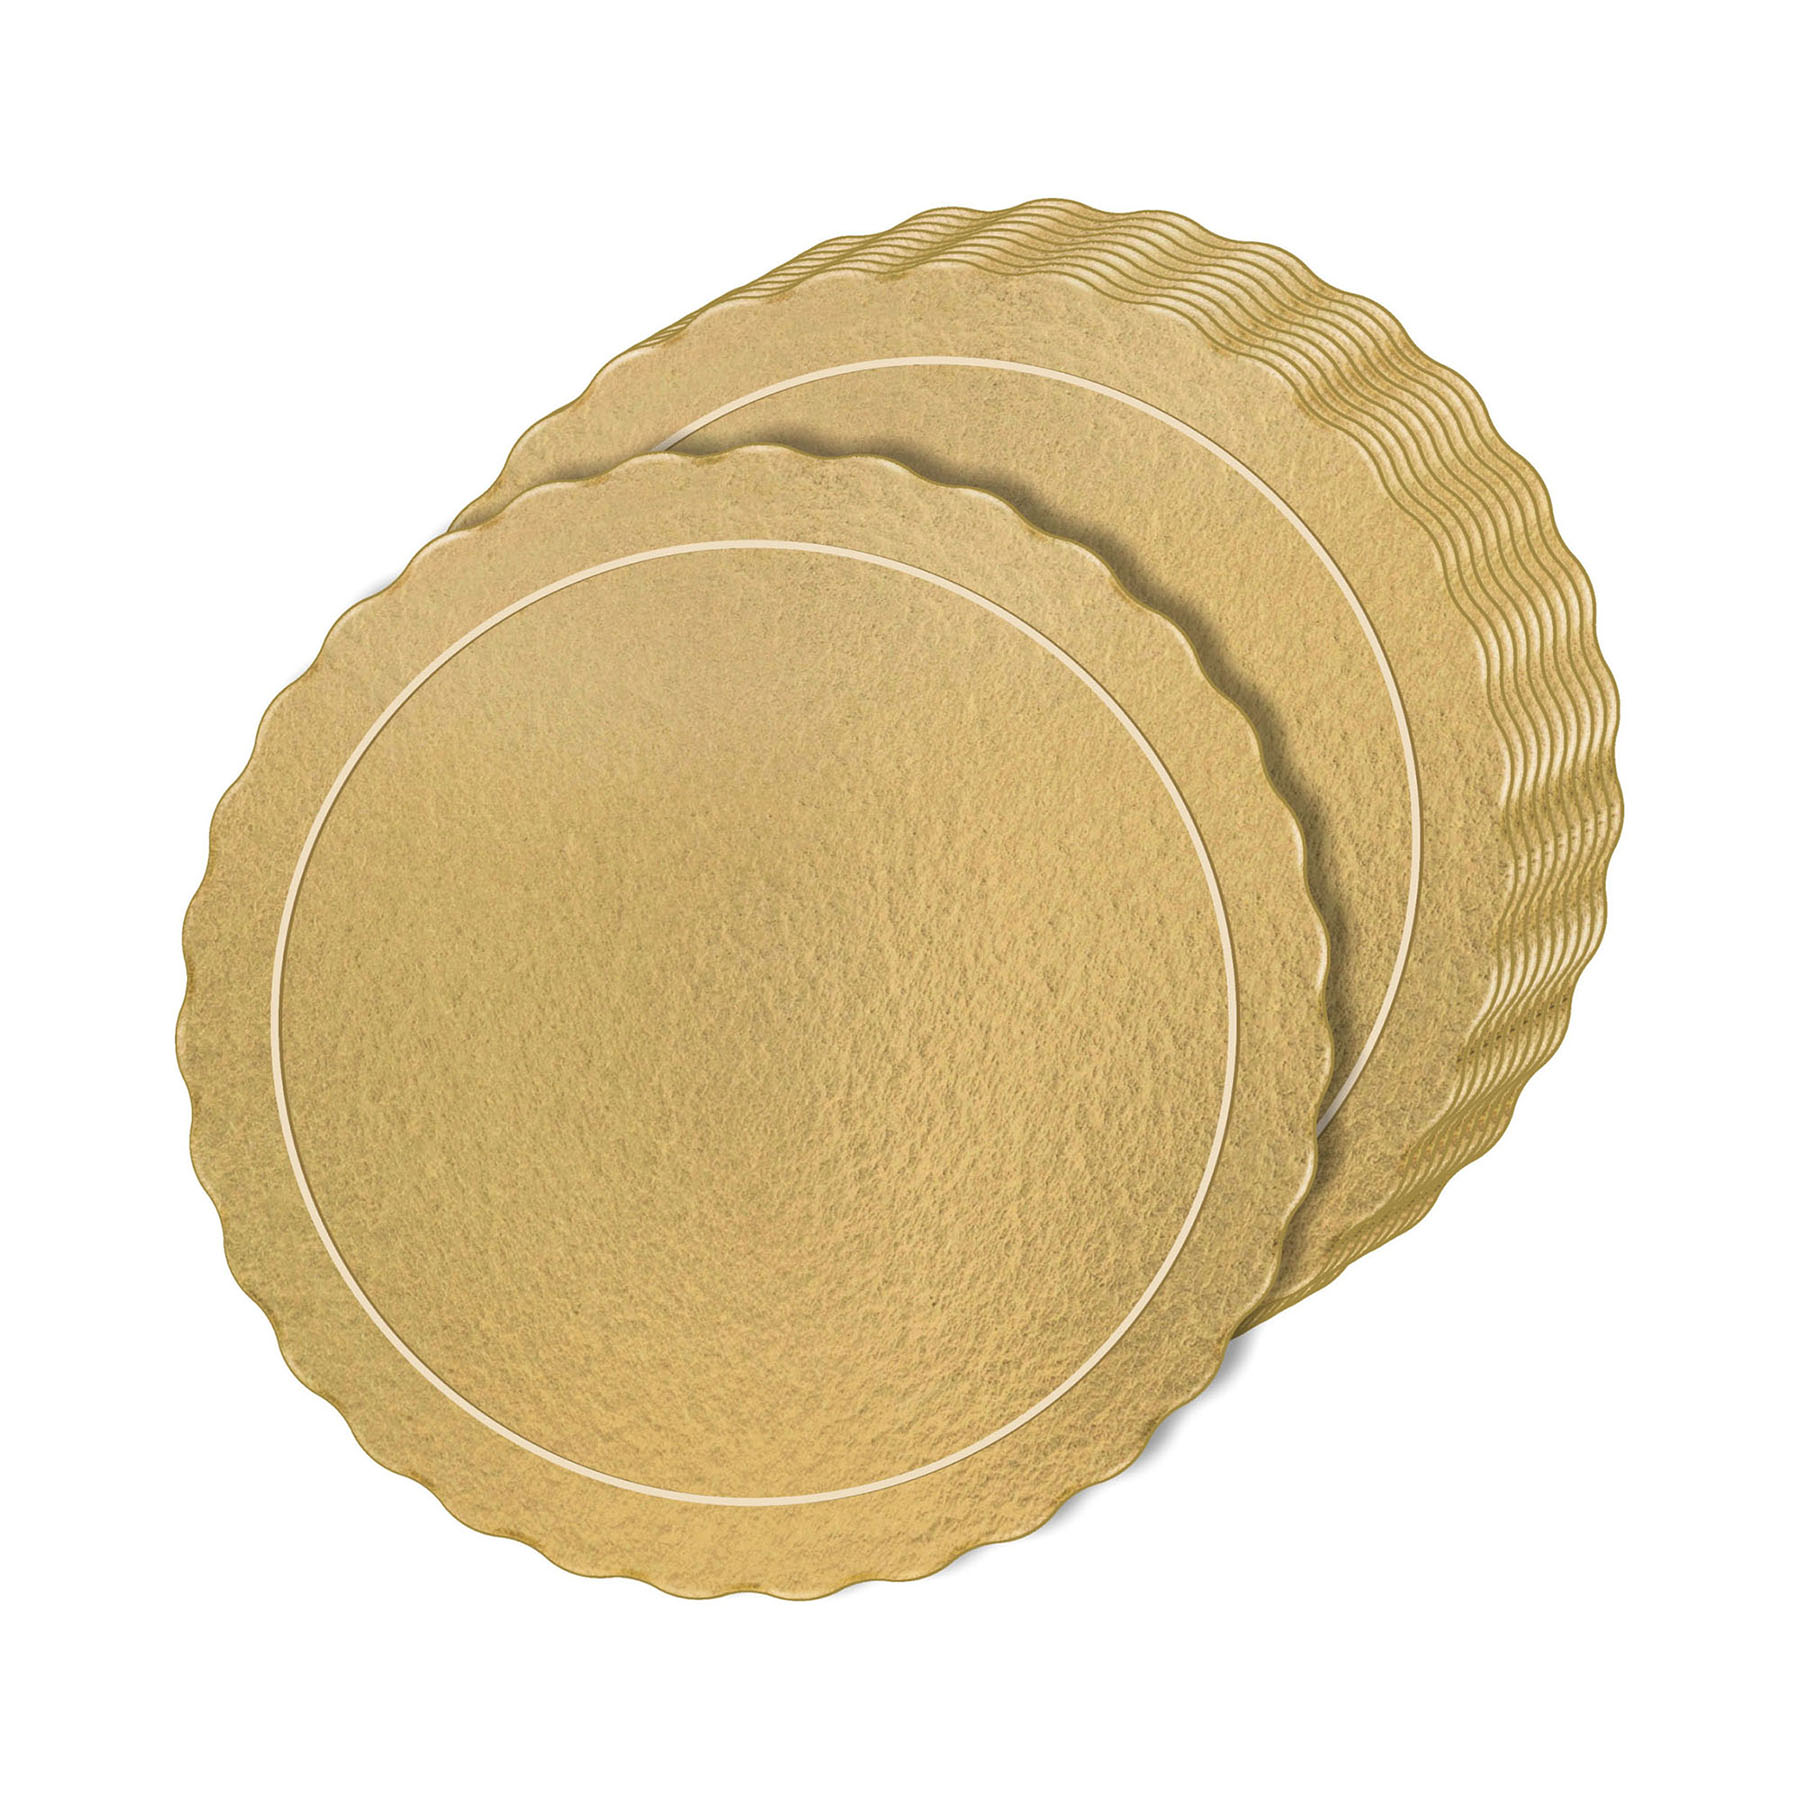 Kit 50 Bases Laminadas Para Bolo, Cake Board, 30 e 35cm - Ouro